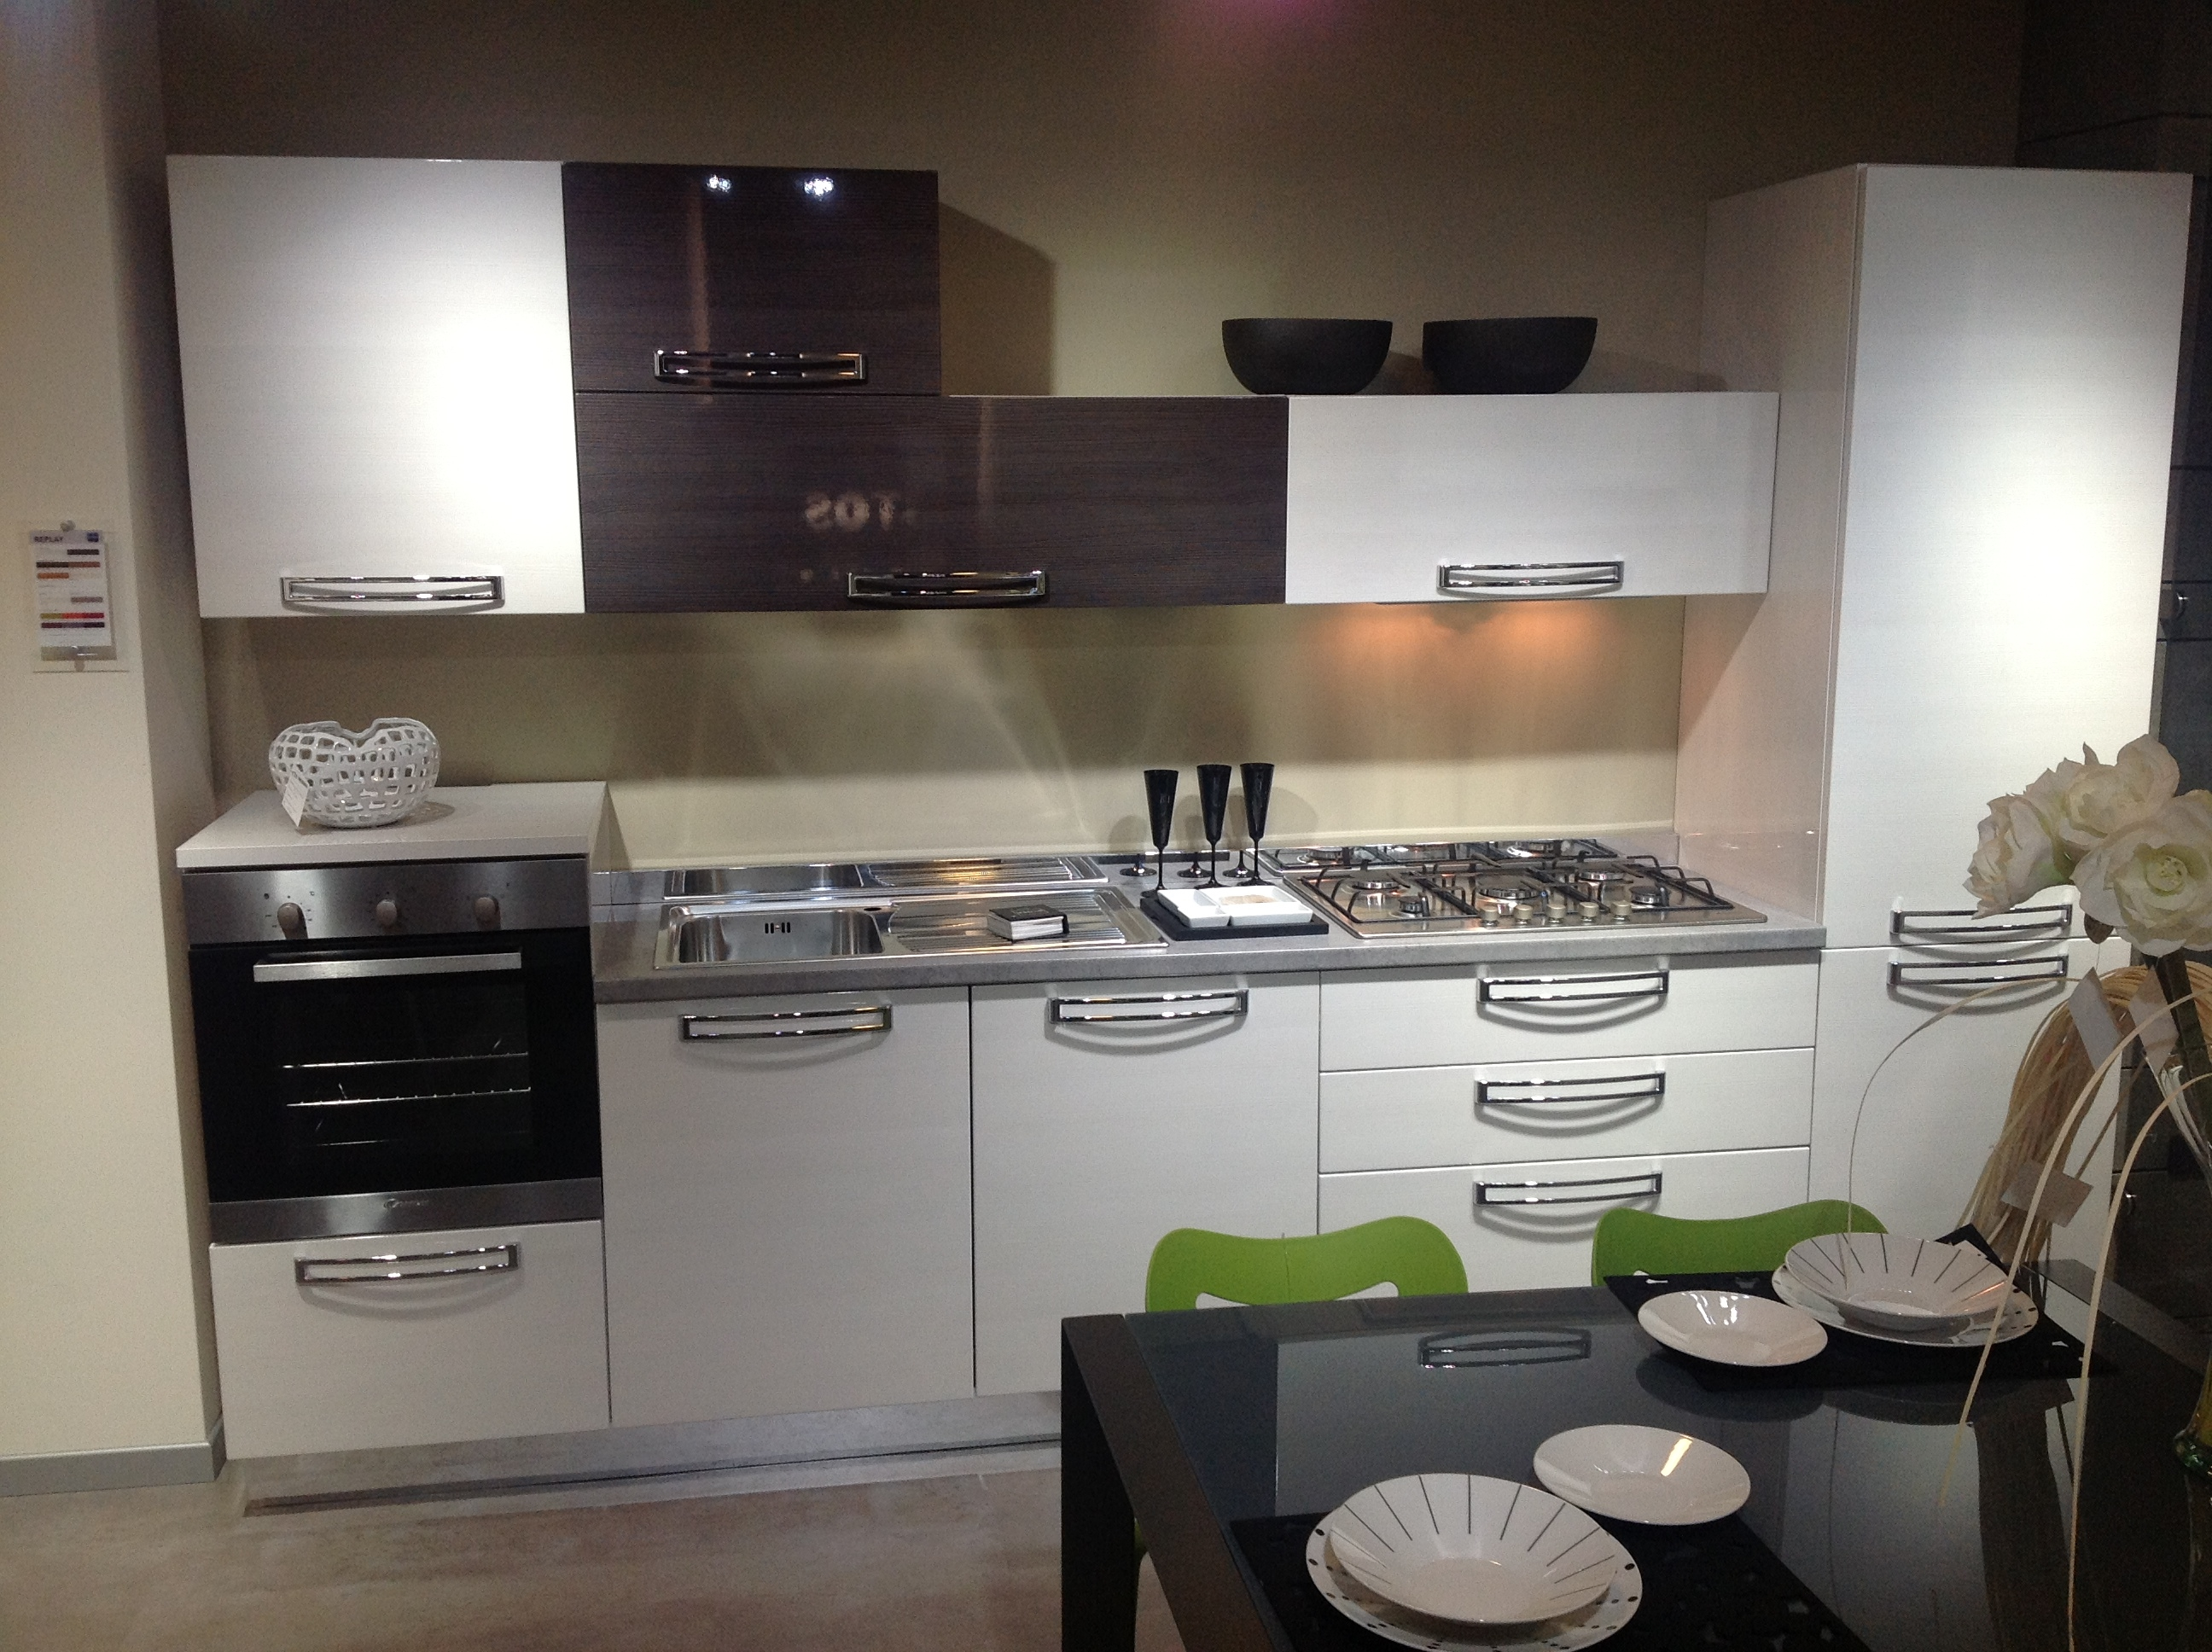 prezzi stosa cucine torino outlet: offerte e sconti - Cucine A Torino